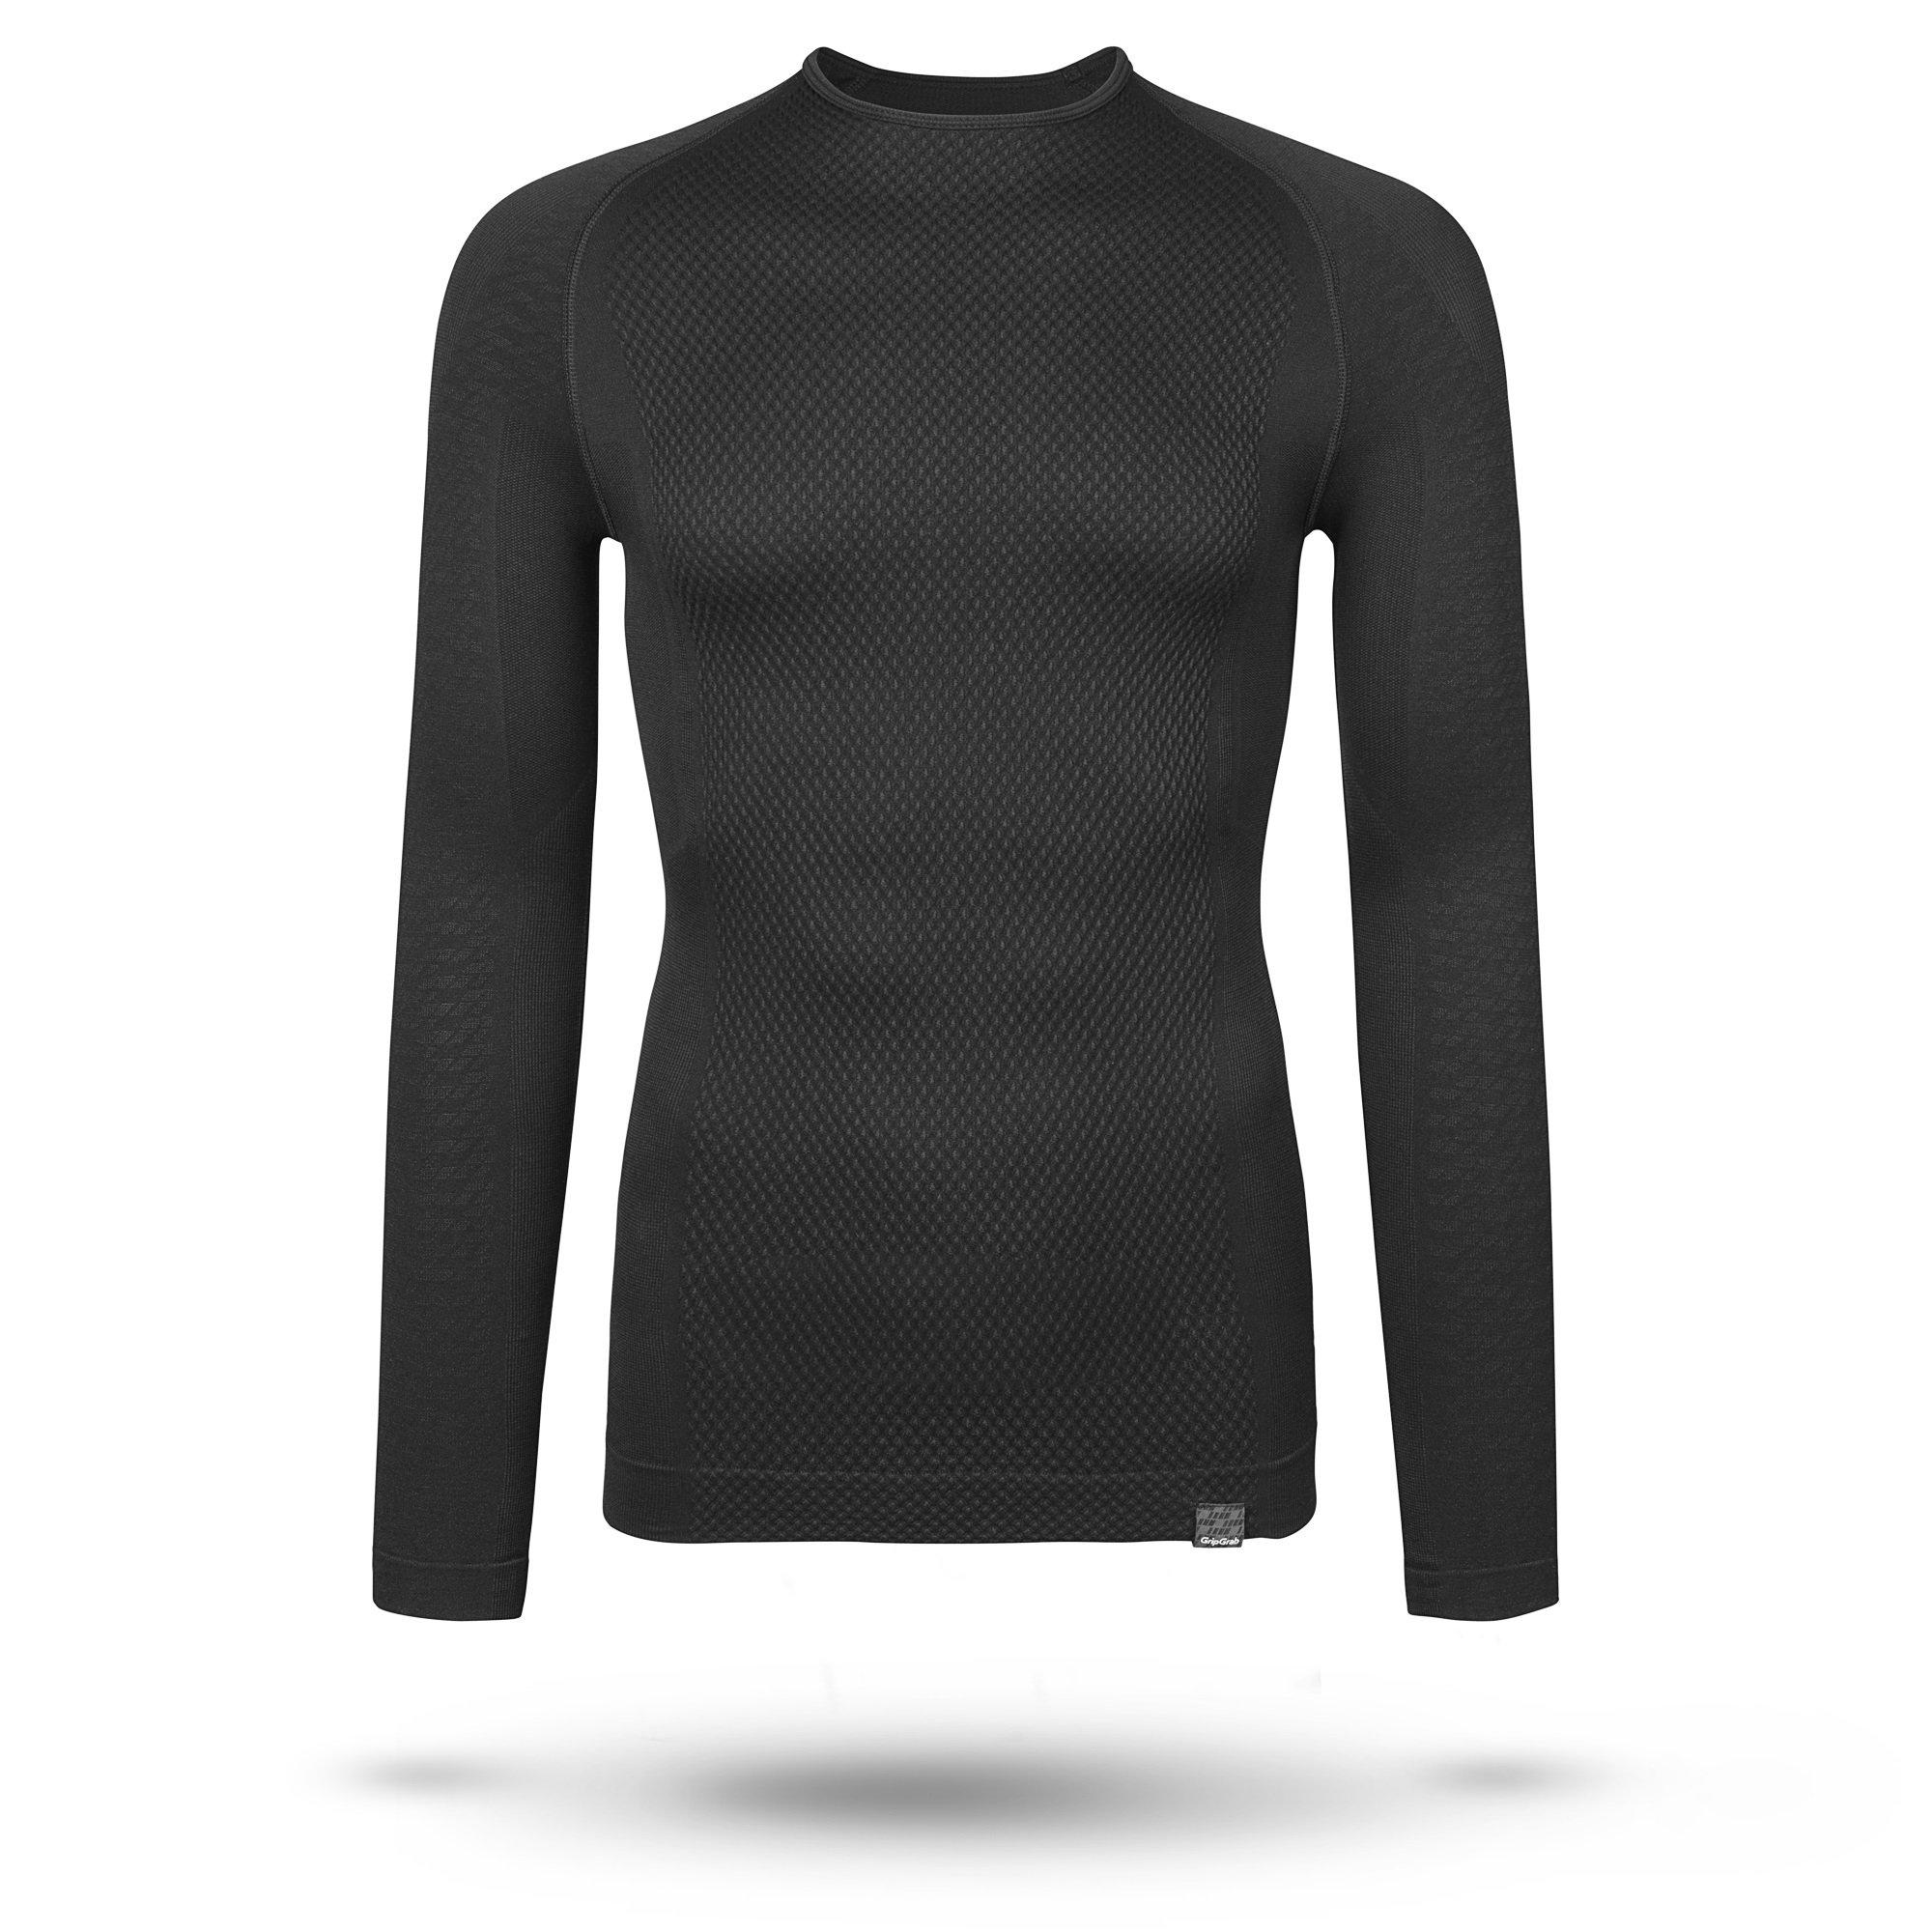 GripGrab Expert svedundertrøje med lange arme sort | Undertøj og svedtøj